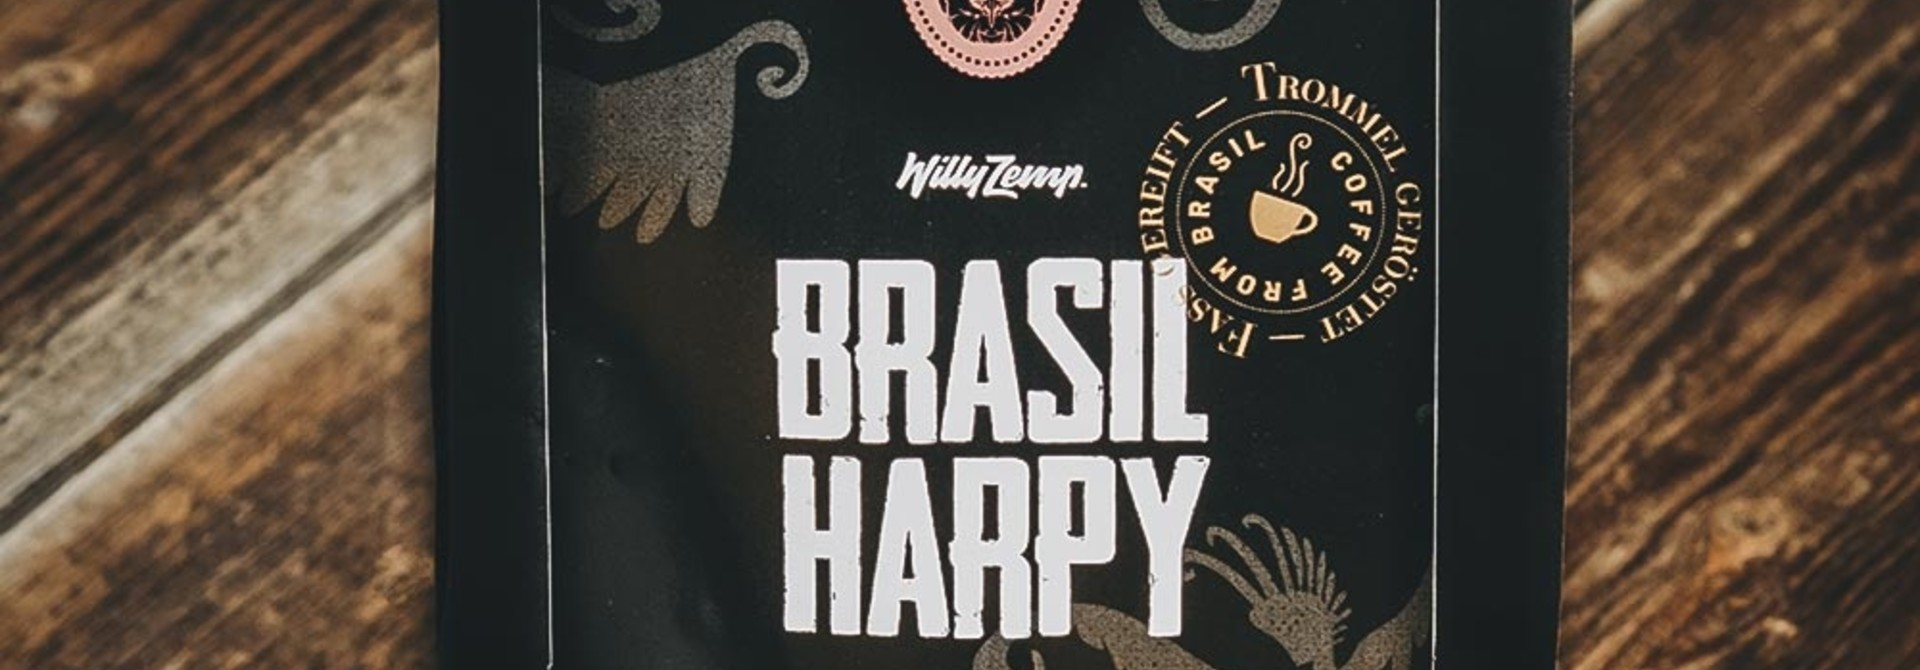 Brasil Harpy - Crema Brasilien